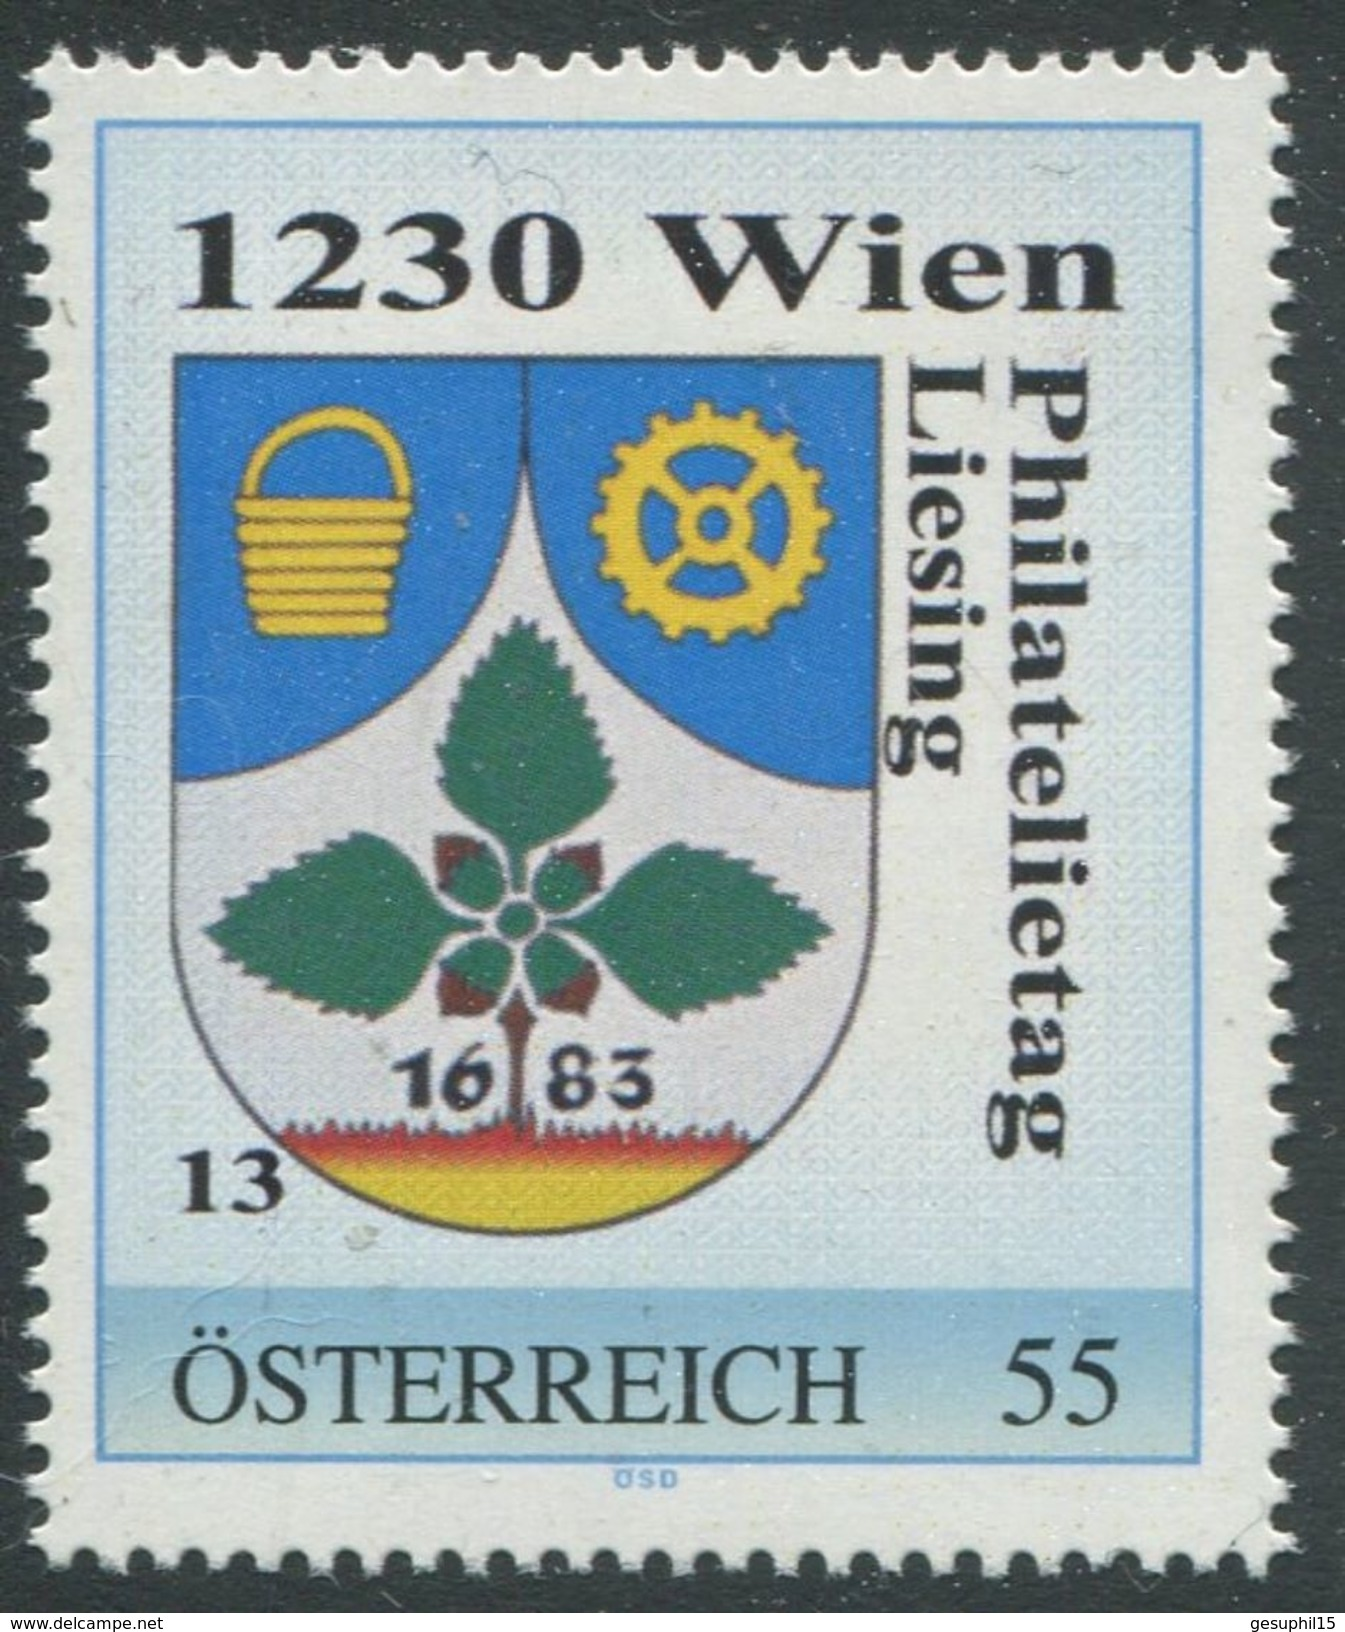 ÖSTERREICH / Philatelietag 1230 Wien / 8024557 / Postfrisch / ** / MNH - Personalisierte Briefmarken